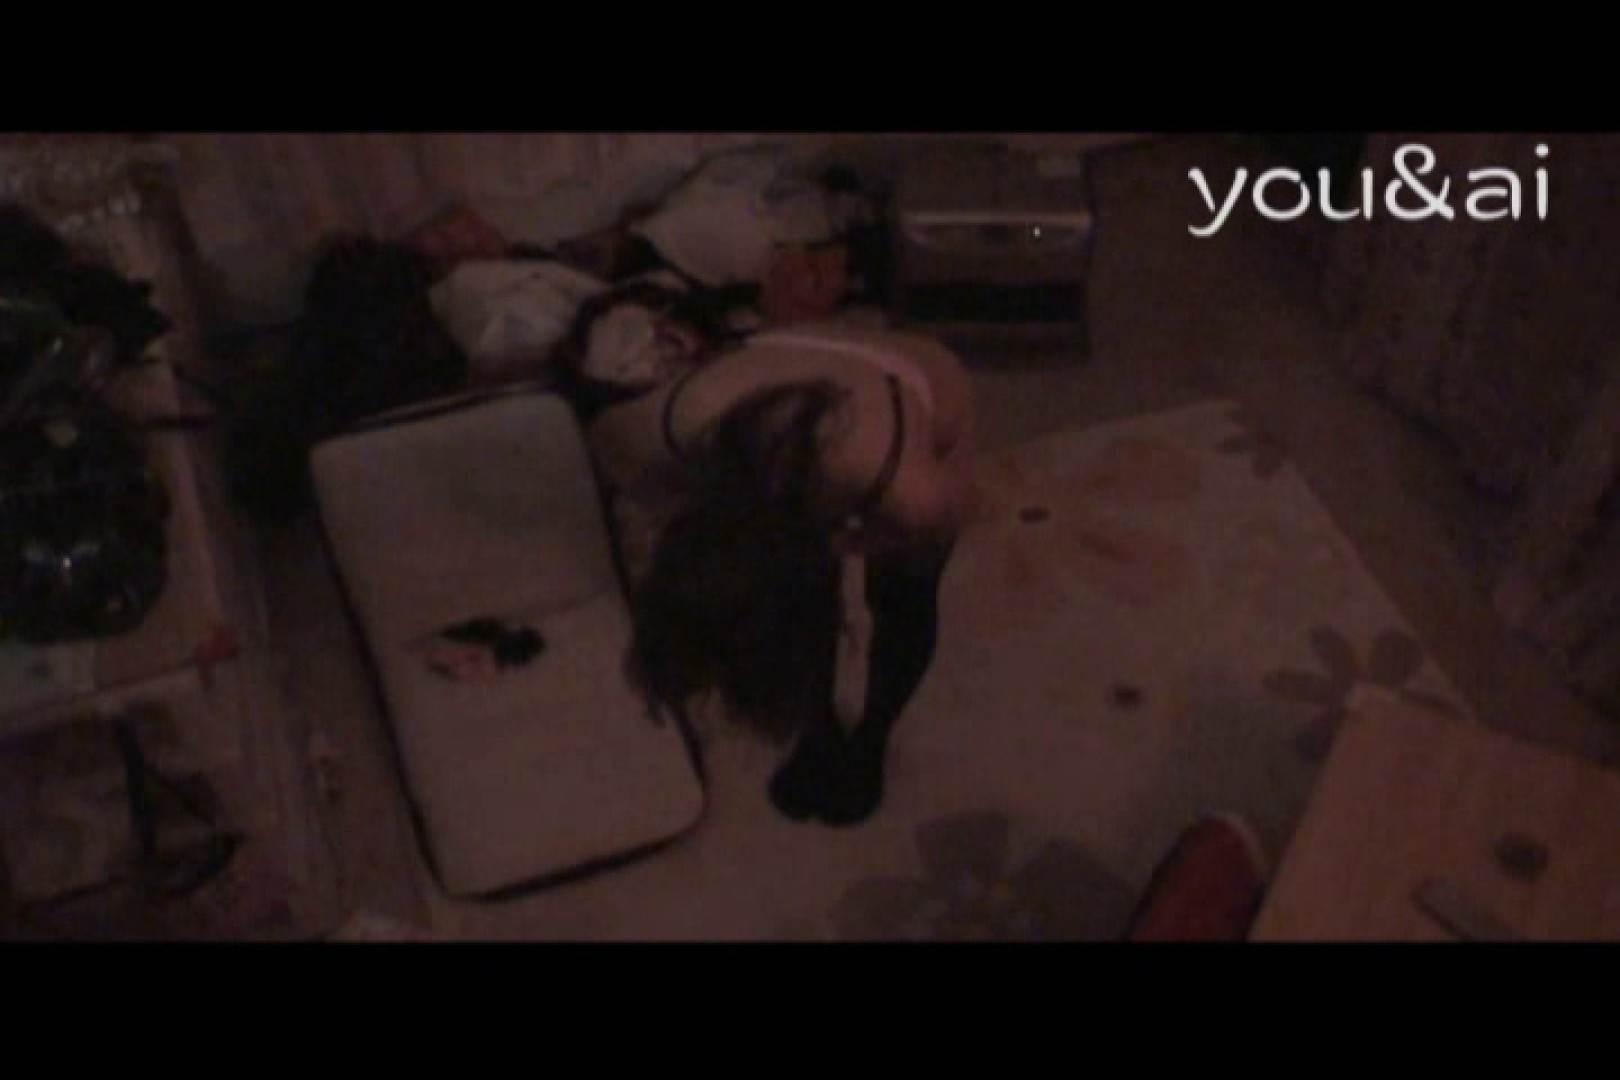 おしどり夫婦のyou&aiさん投稿作品vol.7 投稿  59連発 10